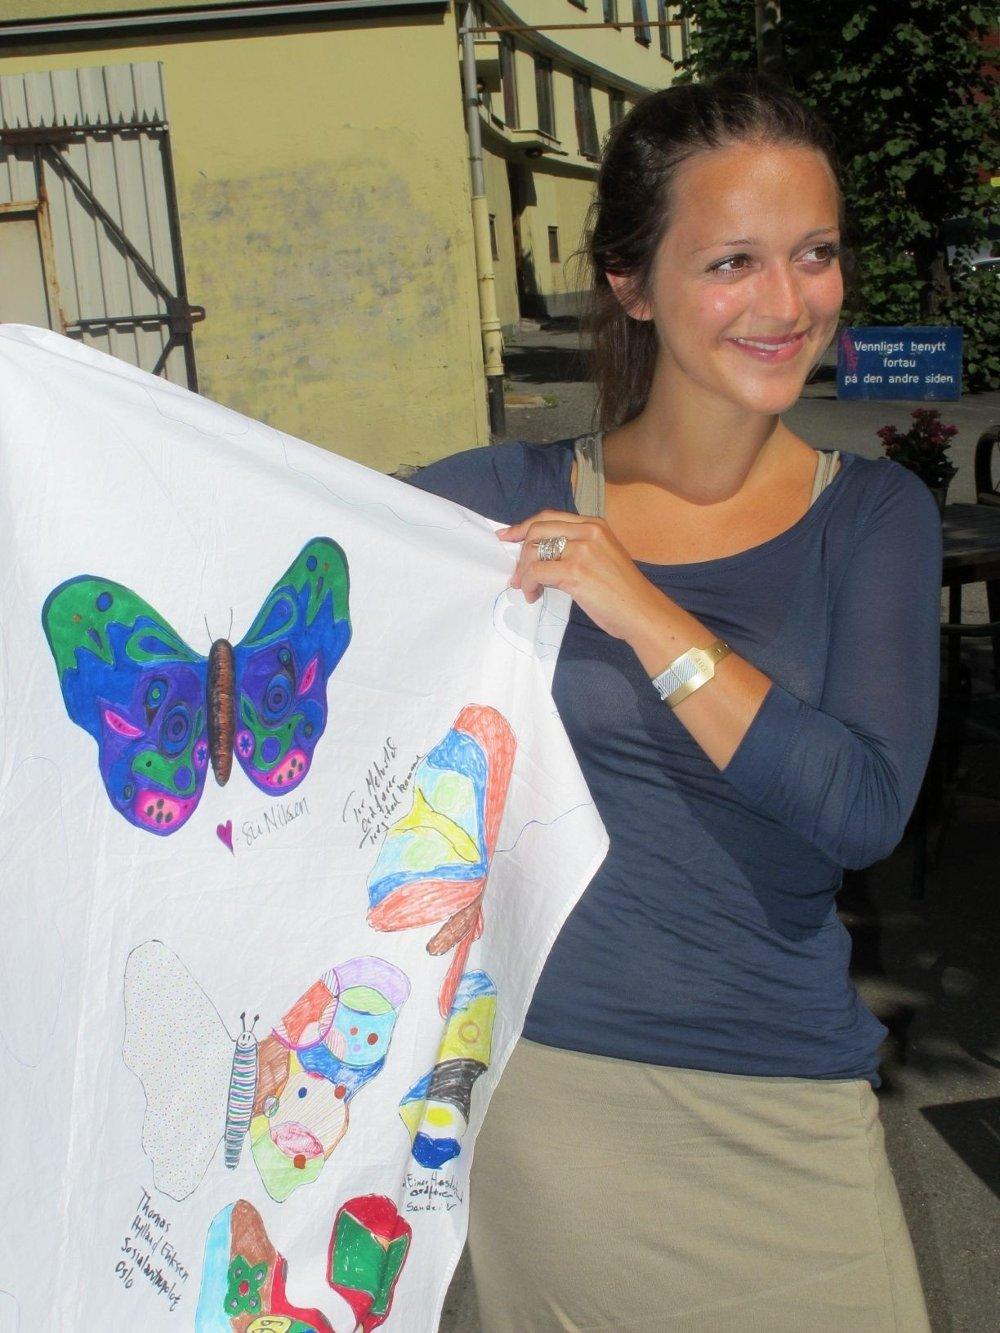 STØTTEFARGER: Siri Nilsen farger en sommerfugl for å vise sin støtte i Amnestys solidaritetskampanje i kampen mot abortforbud i Nicaragua.